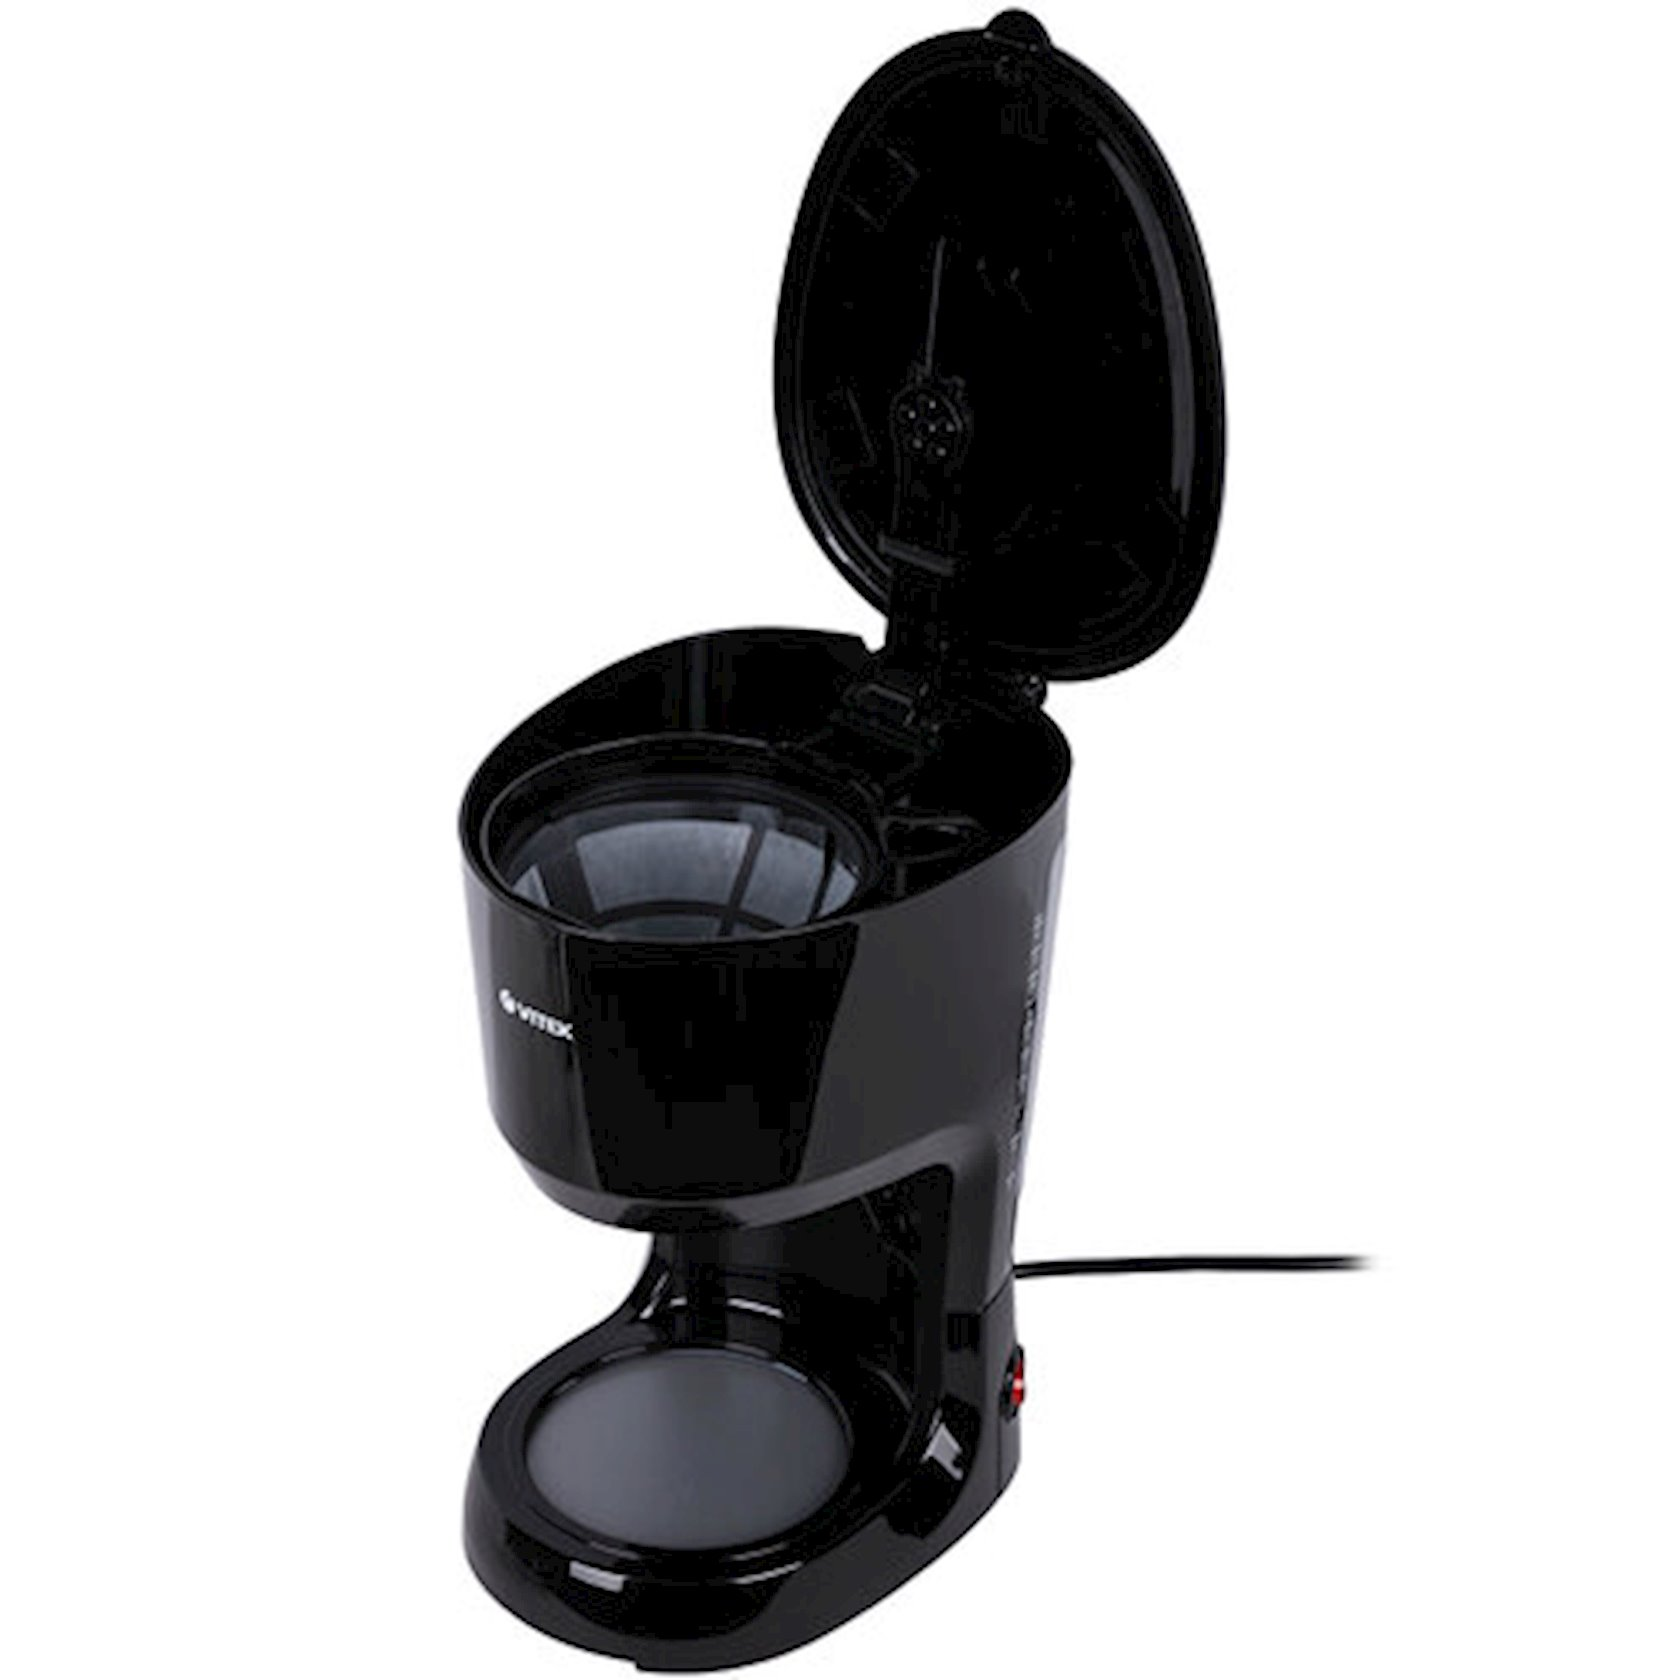 Qəhvədəmləyən Vitek VT-1528 Black